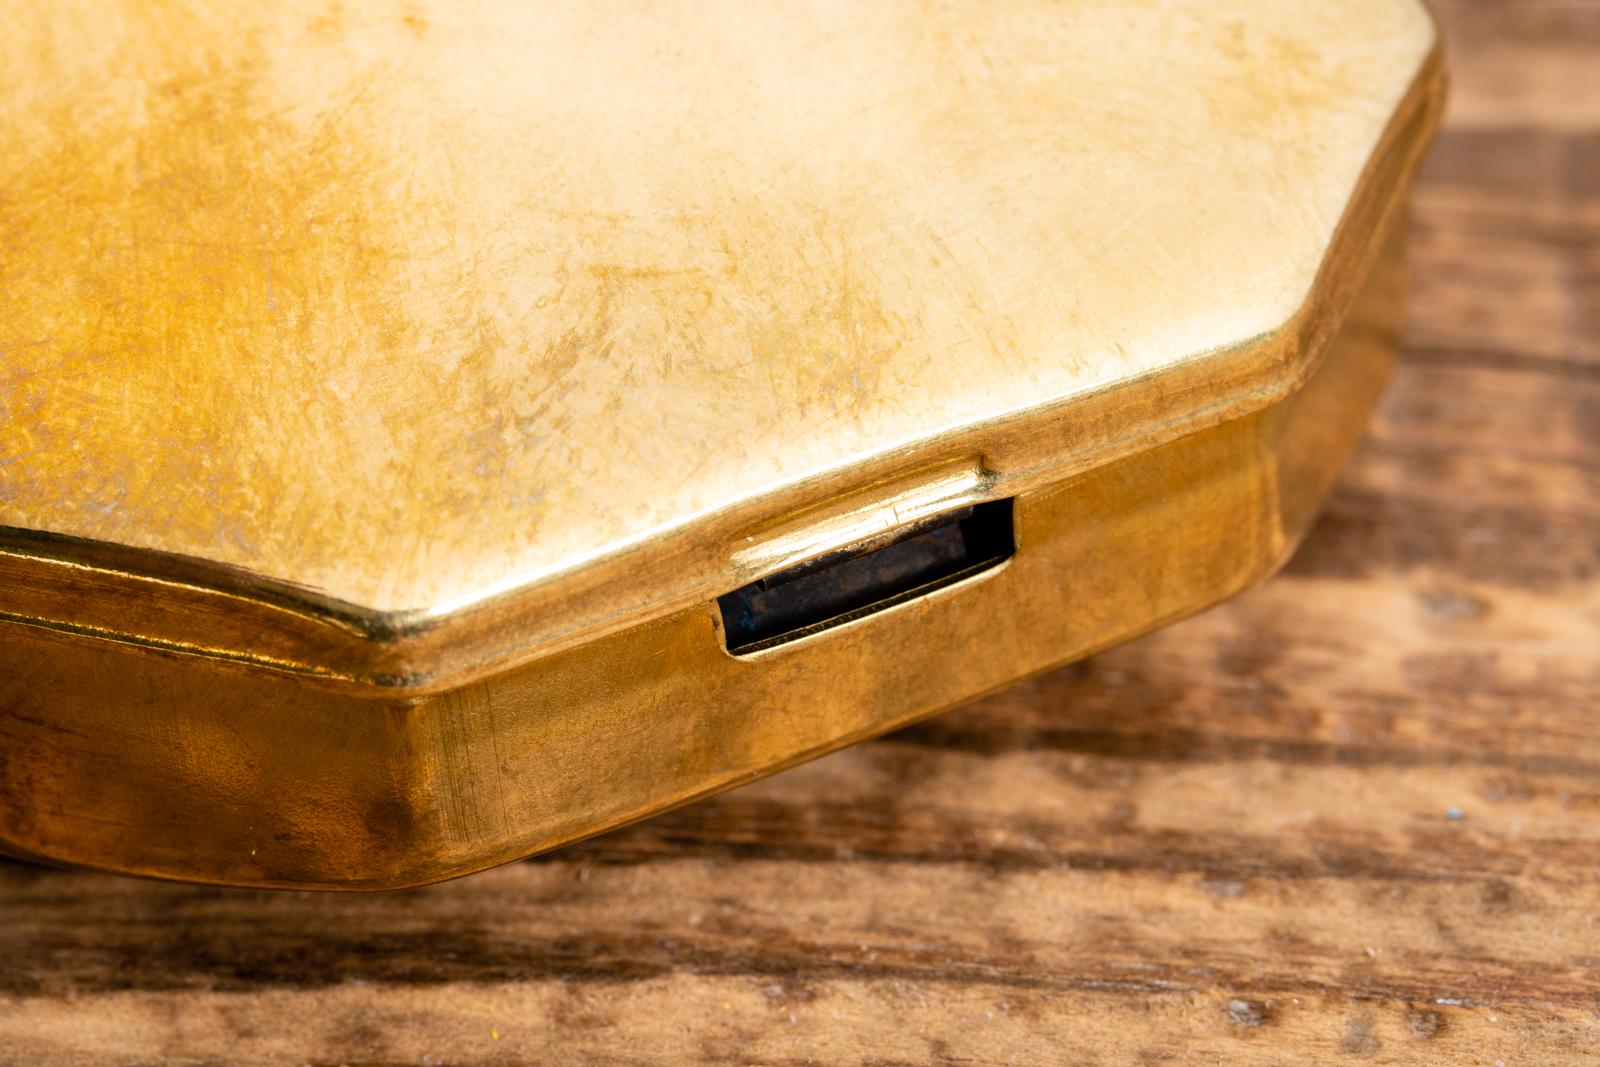 Cash Manufacturing - Tinder Box